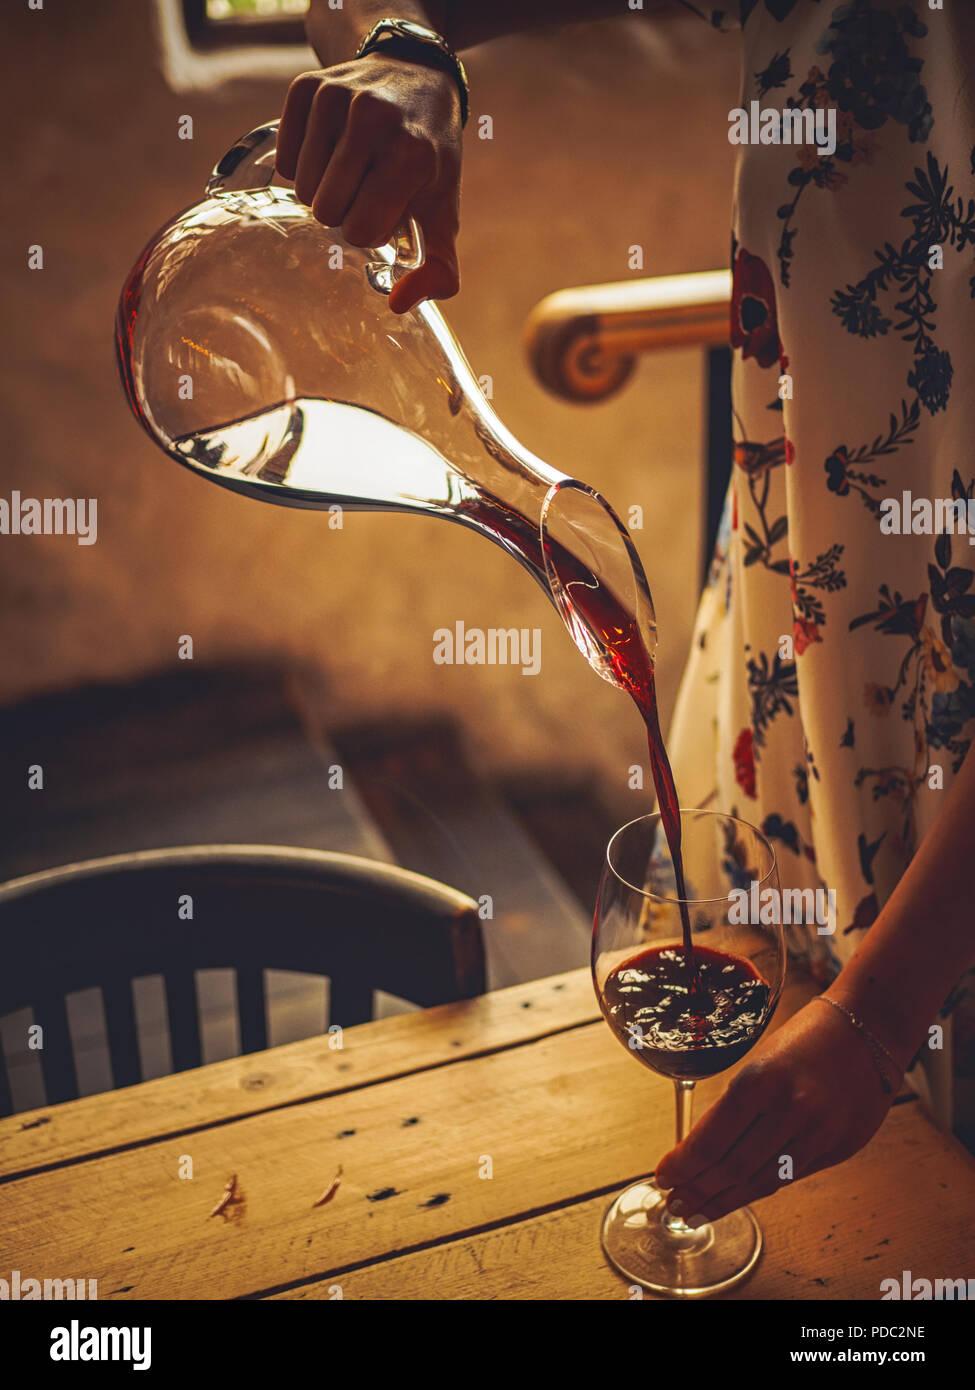 7/8 Schuß von Frau gießen armenischen Wein in Glas Stockbild